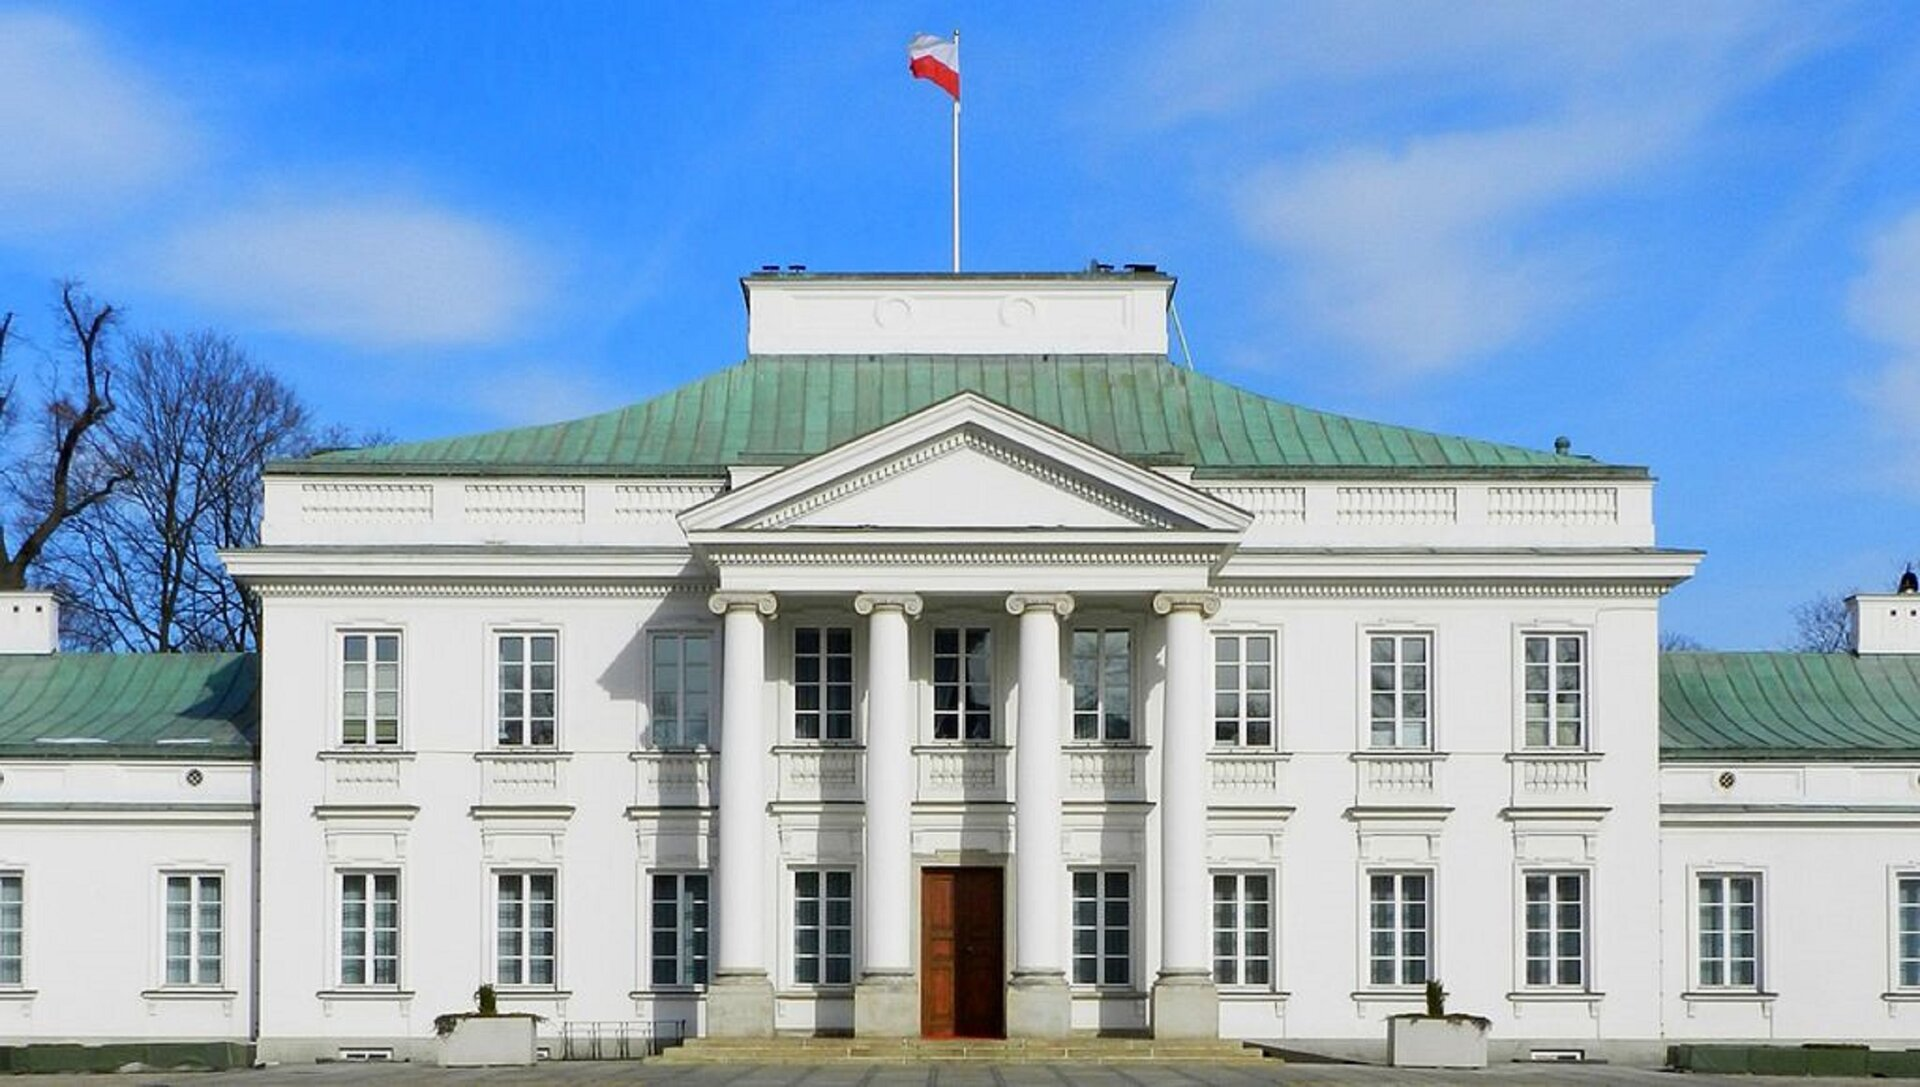 """Ilustracja przedstawia """"Pałac Belwederski"""" wWarszawie. Zdjęcie prezentuje budynek od frontu. Jego fasada jest symetryczna. Pośrodku znajduje się zwieńczony trójkątnym tympanonem portyk, wsparty na czterech jońskich kolumnach. Skrzydła boczne to dwie kondygnacje zsymetrycznie rozmieszczonymi oknami. Pokryty zielona dachówką dach jest czterospadowy, zwieńczony nadbudówką."""